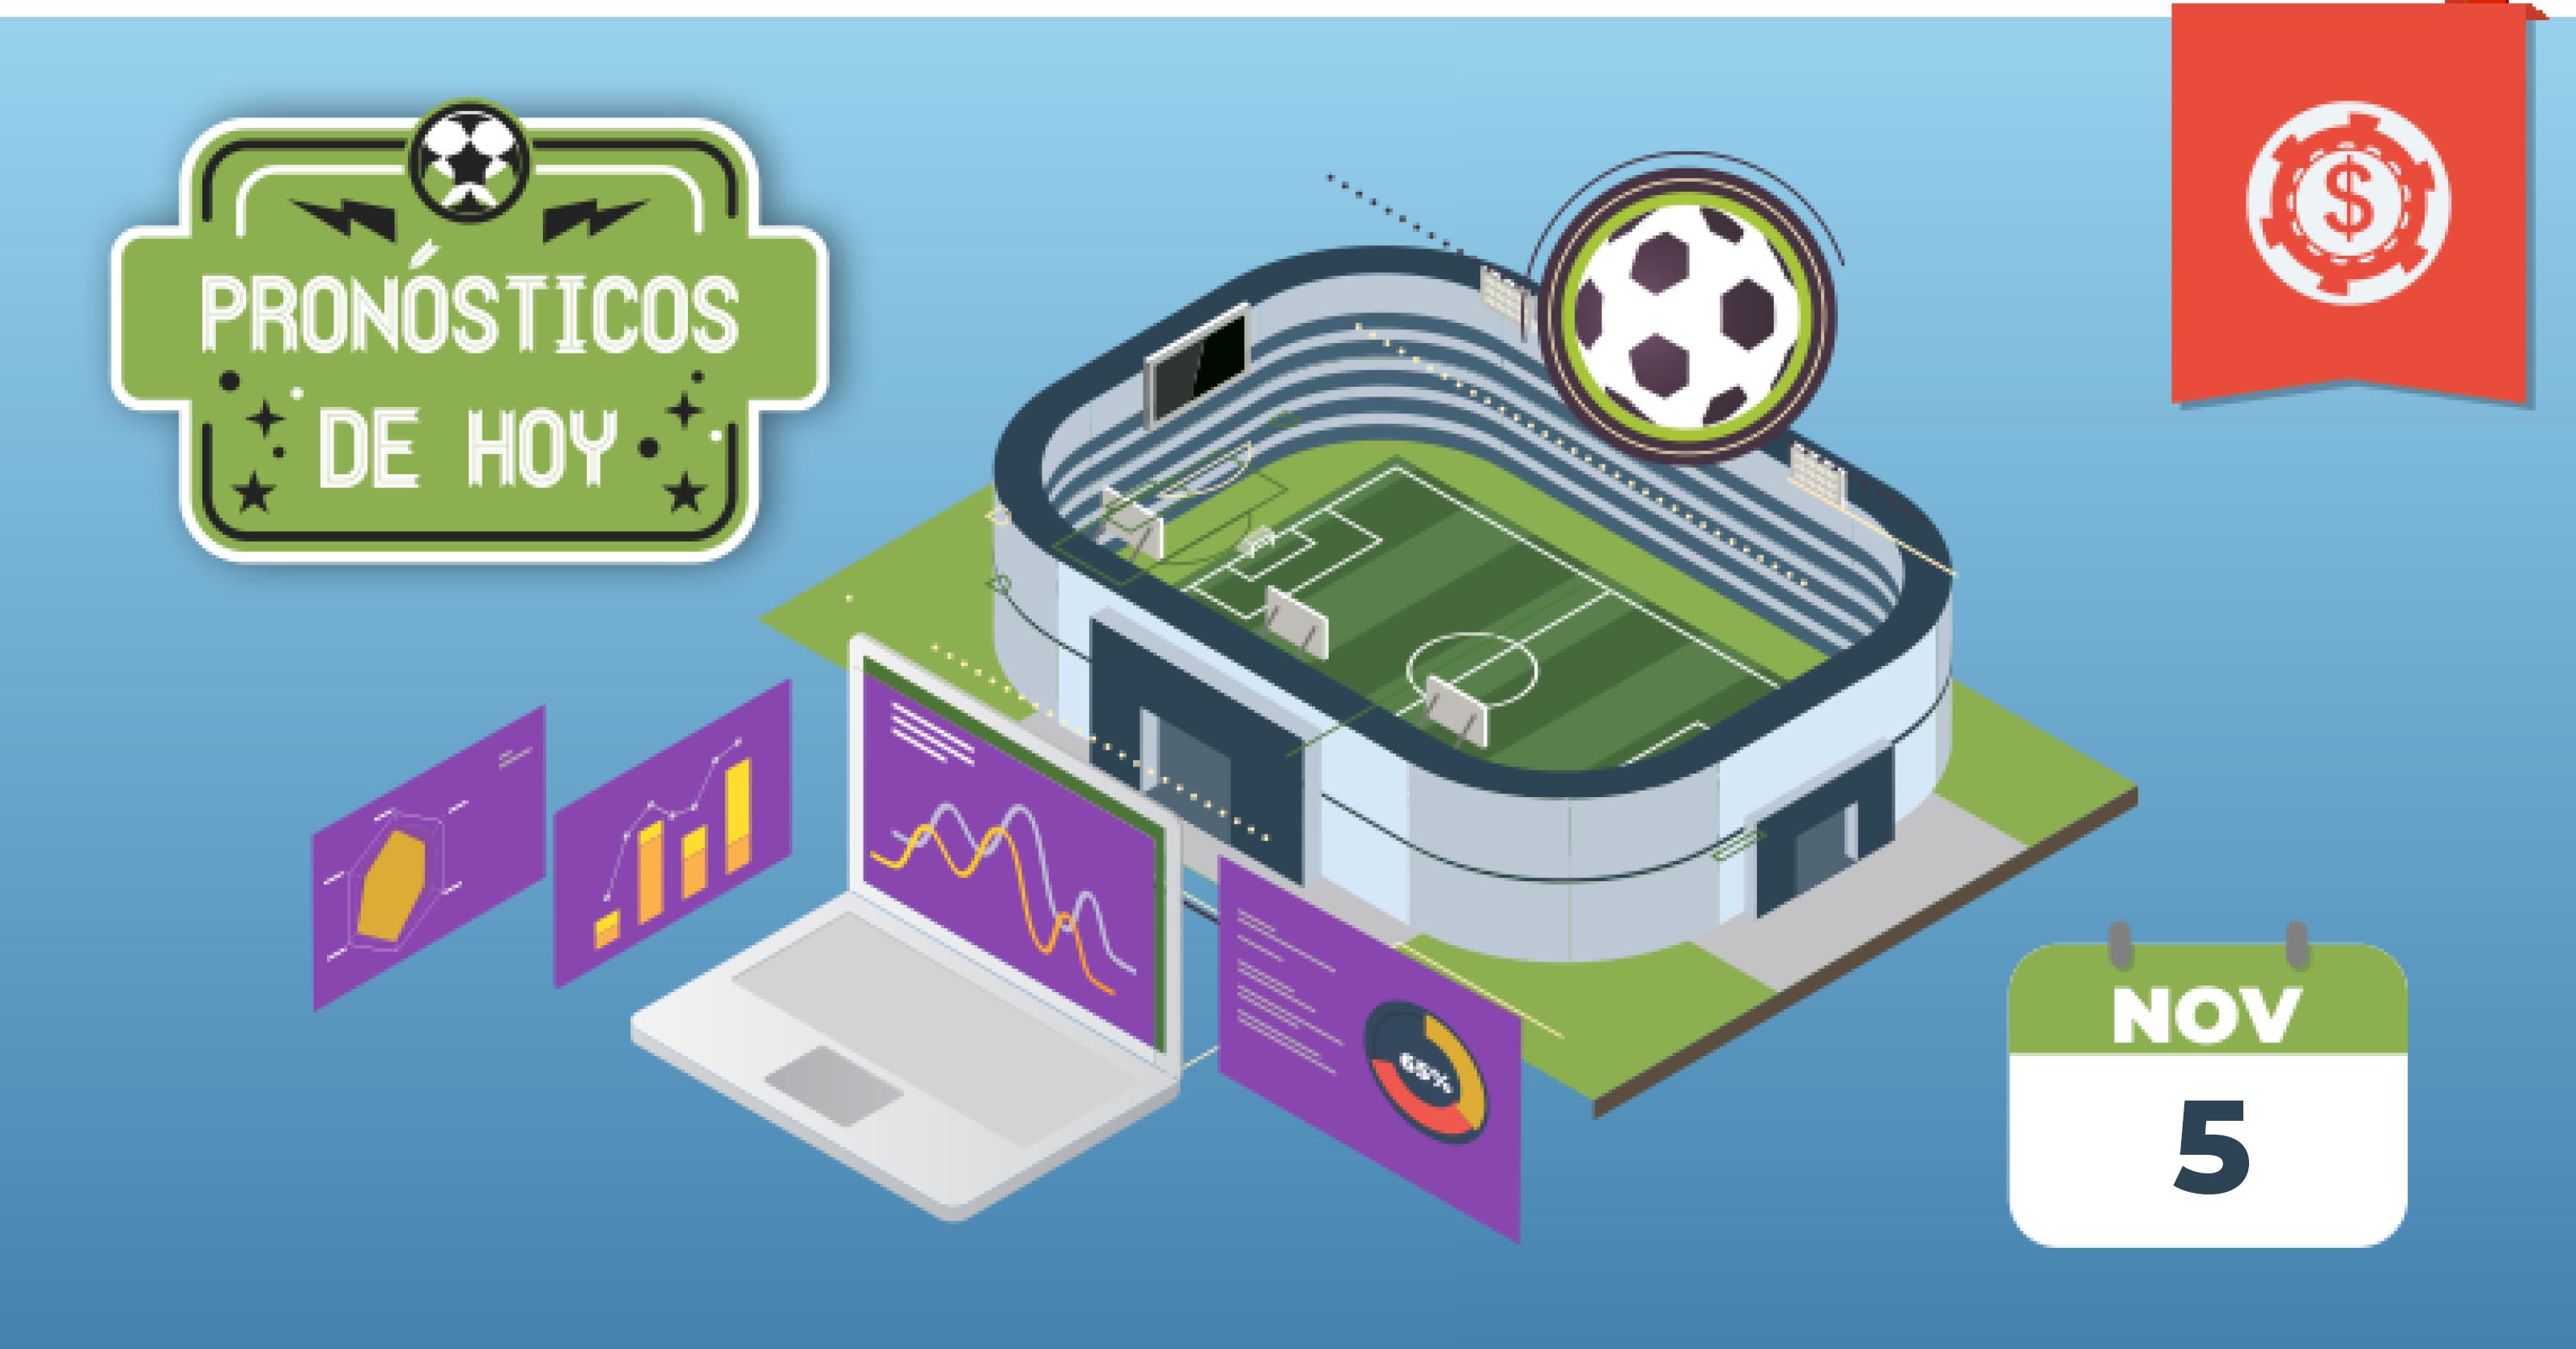 pronosticos-futbol-hoy-predicciones-5-noviembre-2019